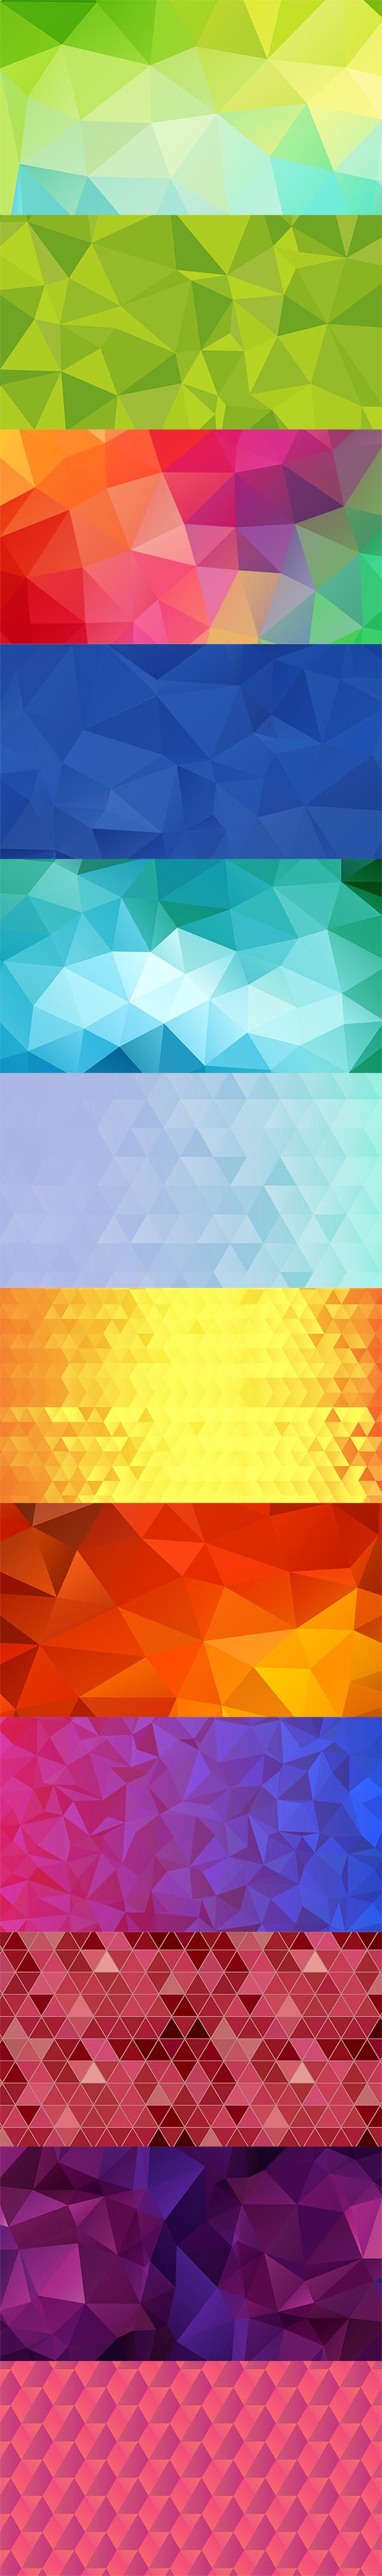 12 تصویر زمینه بسیار با کیفیت با طرح چند ضلعی